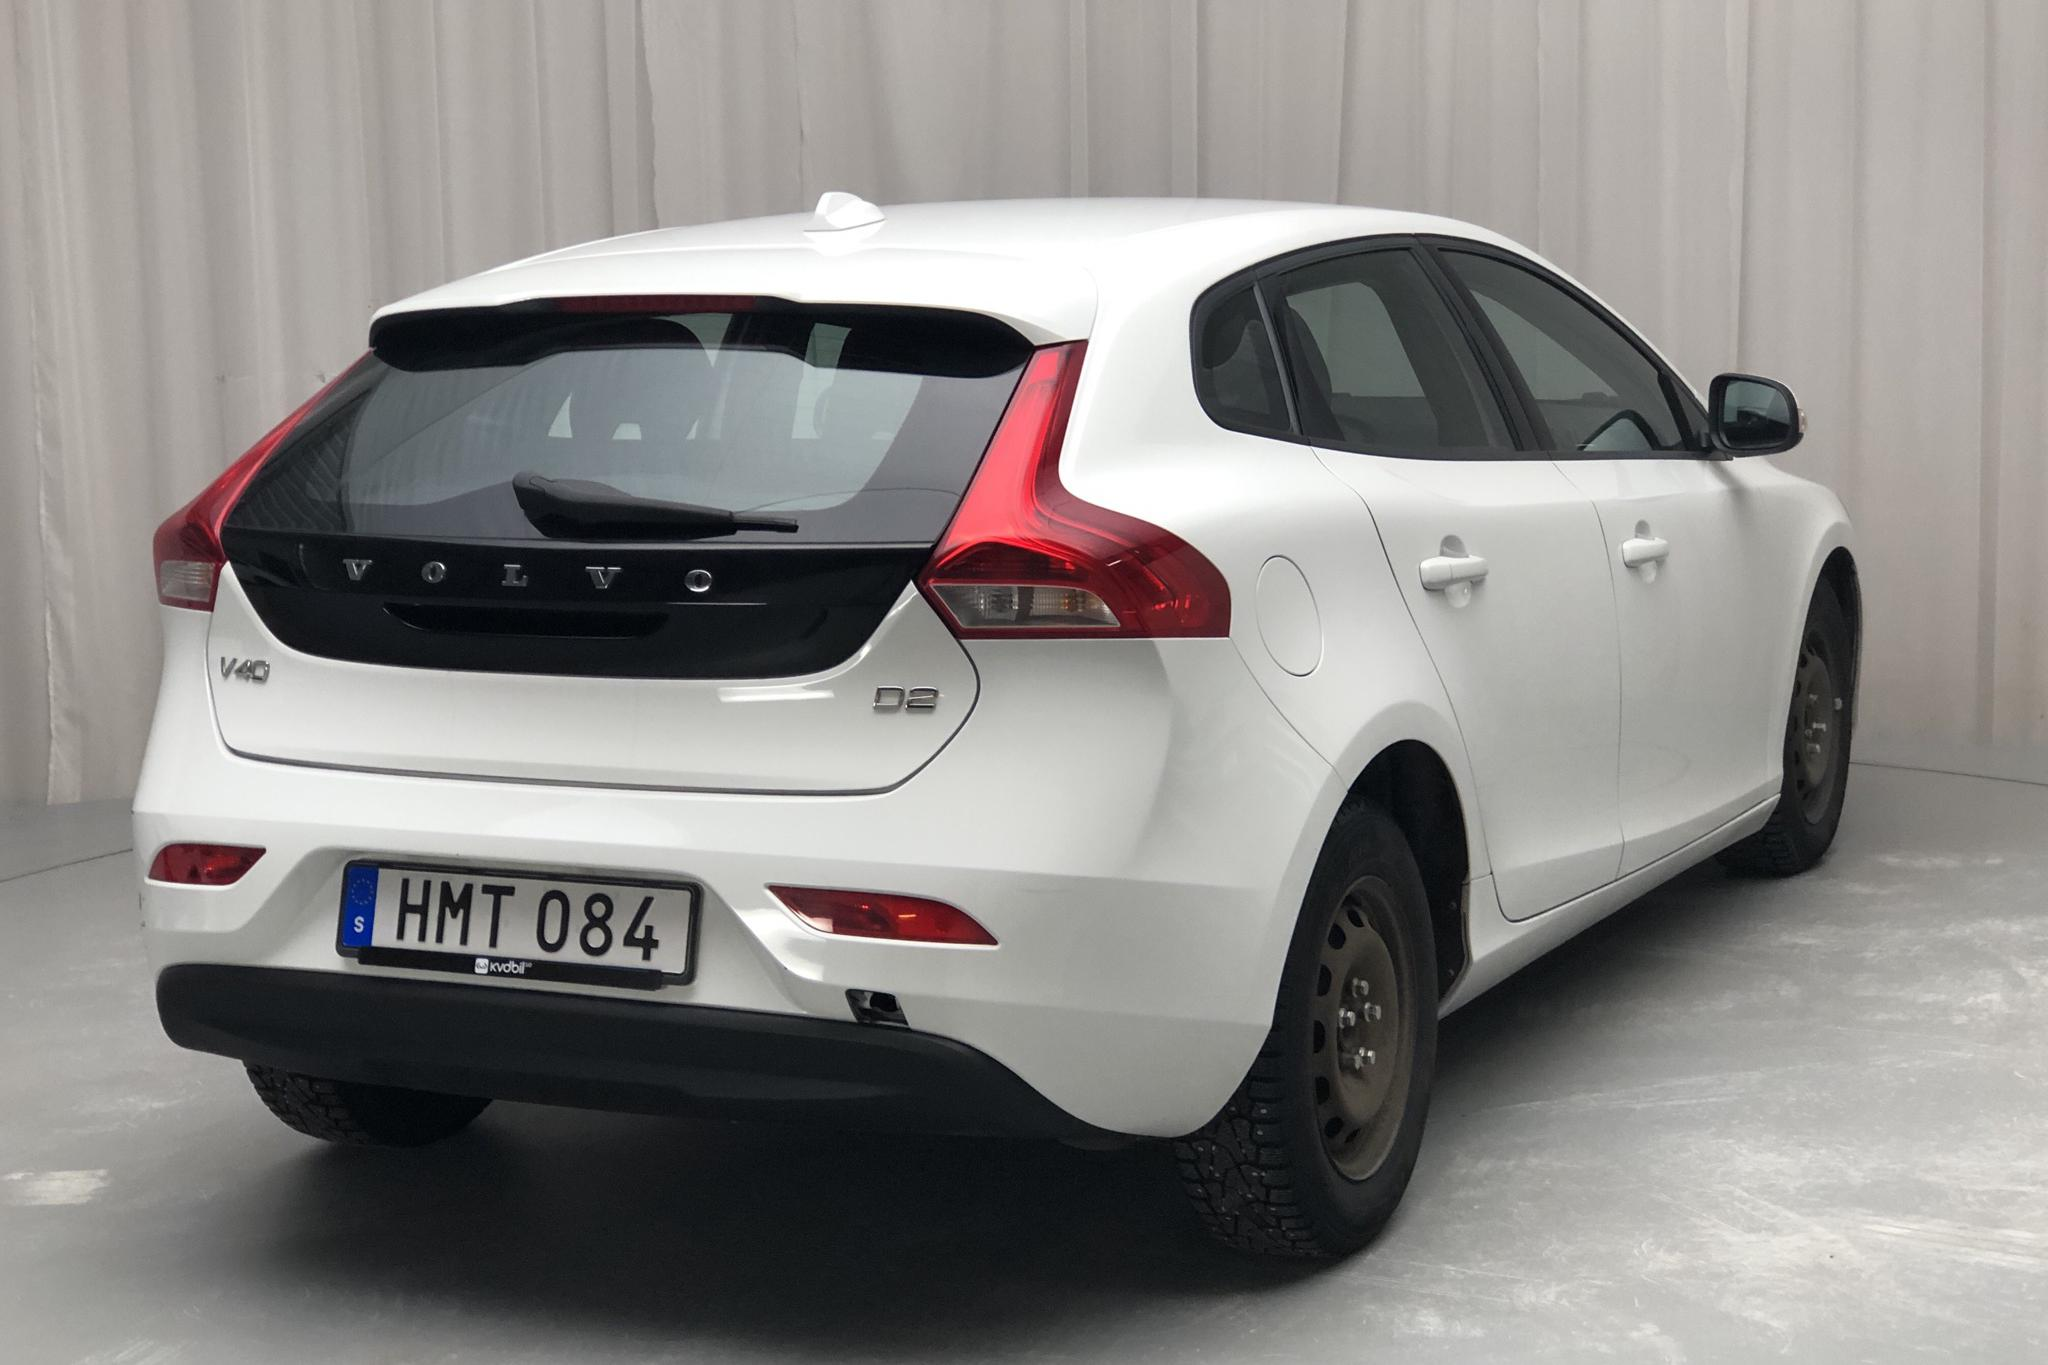 Volvo V40 D2 (115hk) - 215 200 km - Manual - white - 2015